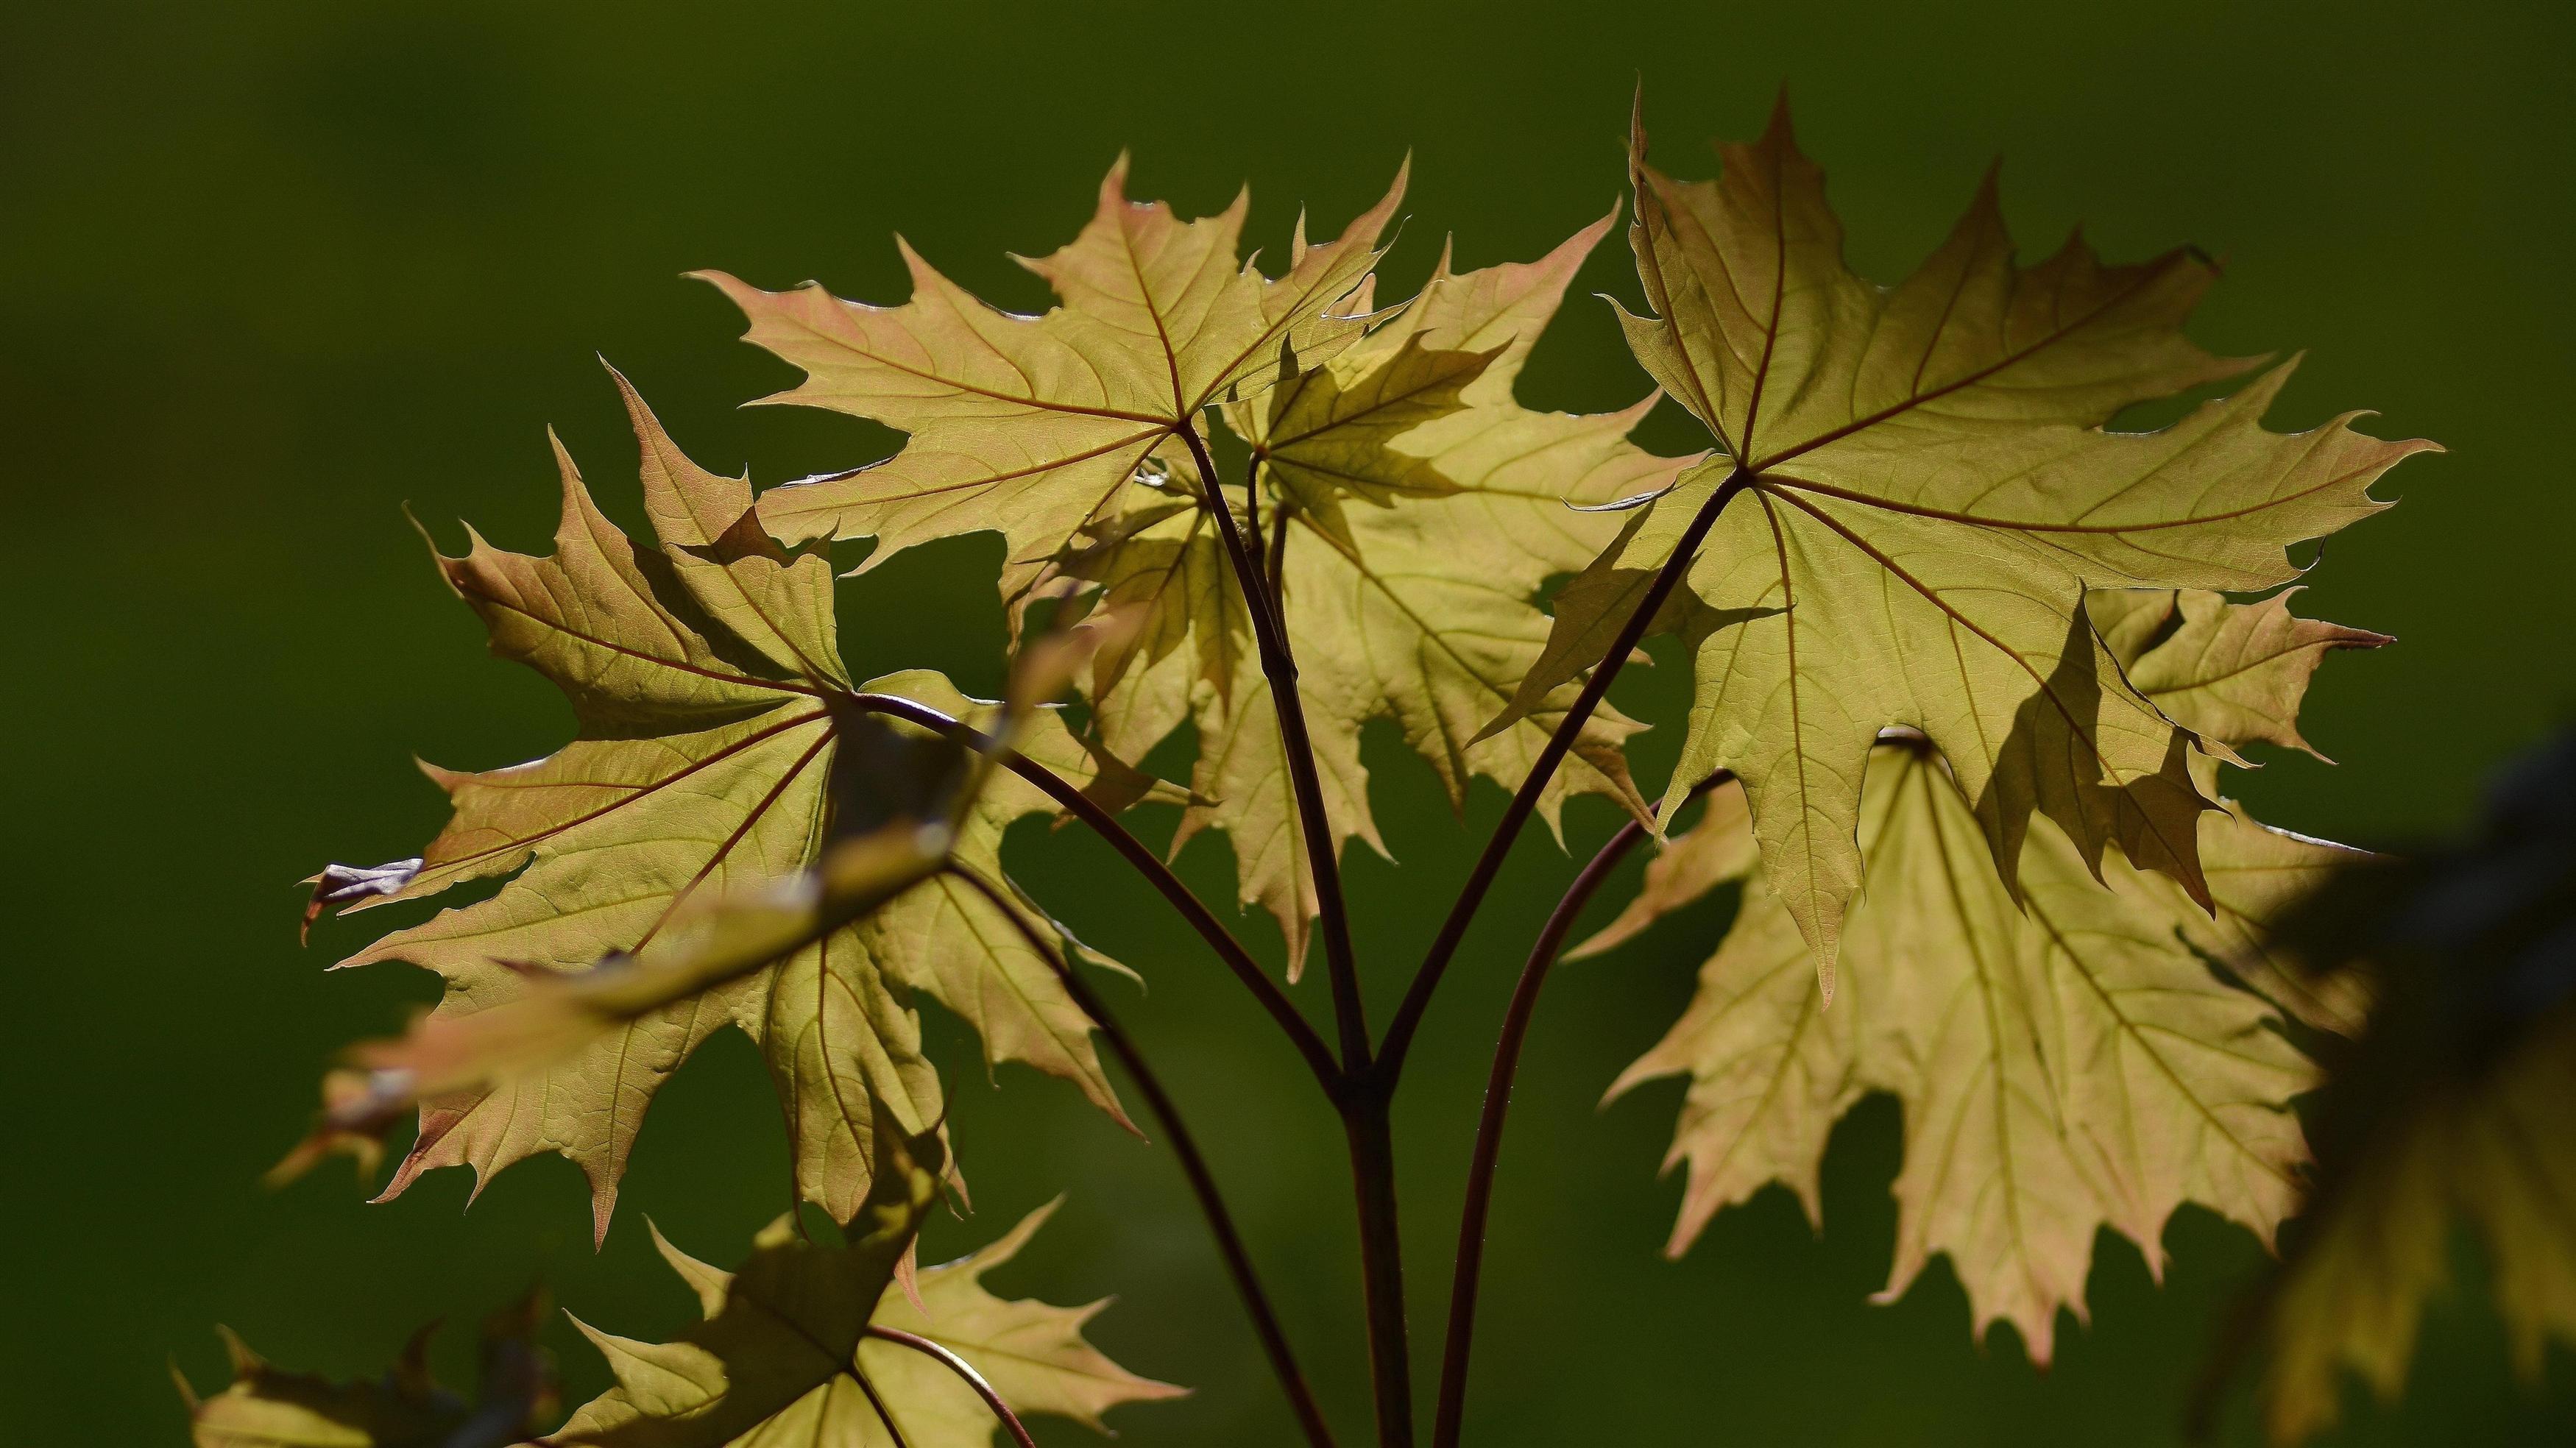 Зеленые листья с зеленым фоном природа обои скачать